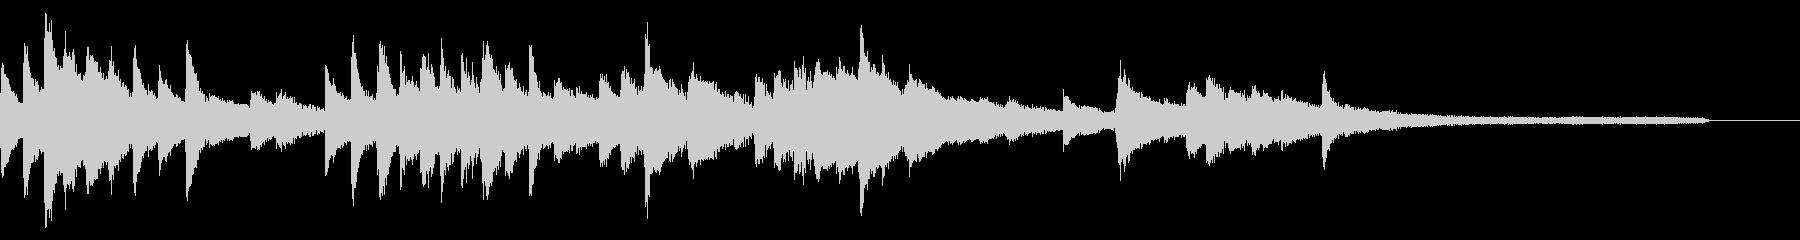 切ない和風ジングル26-ピアノソロの未再生の波形